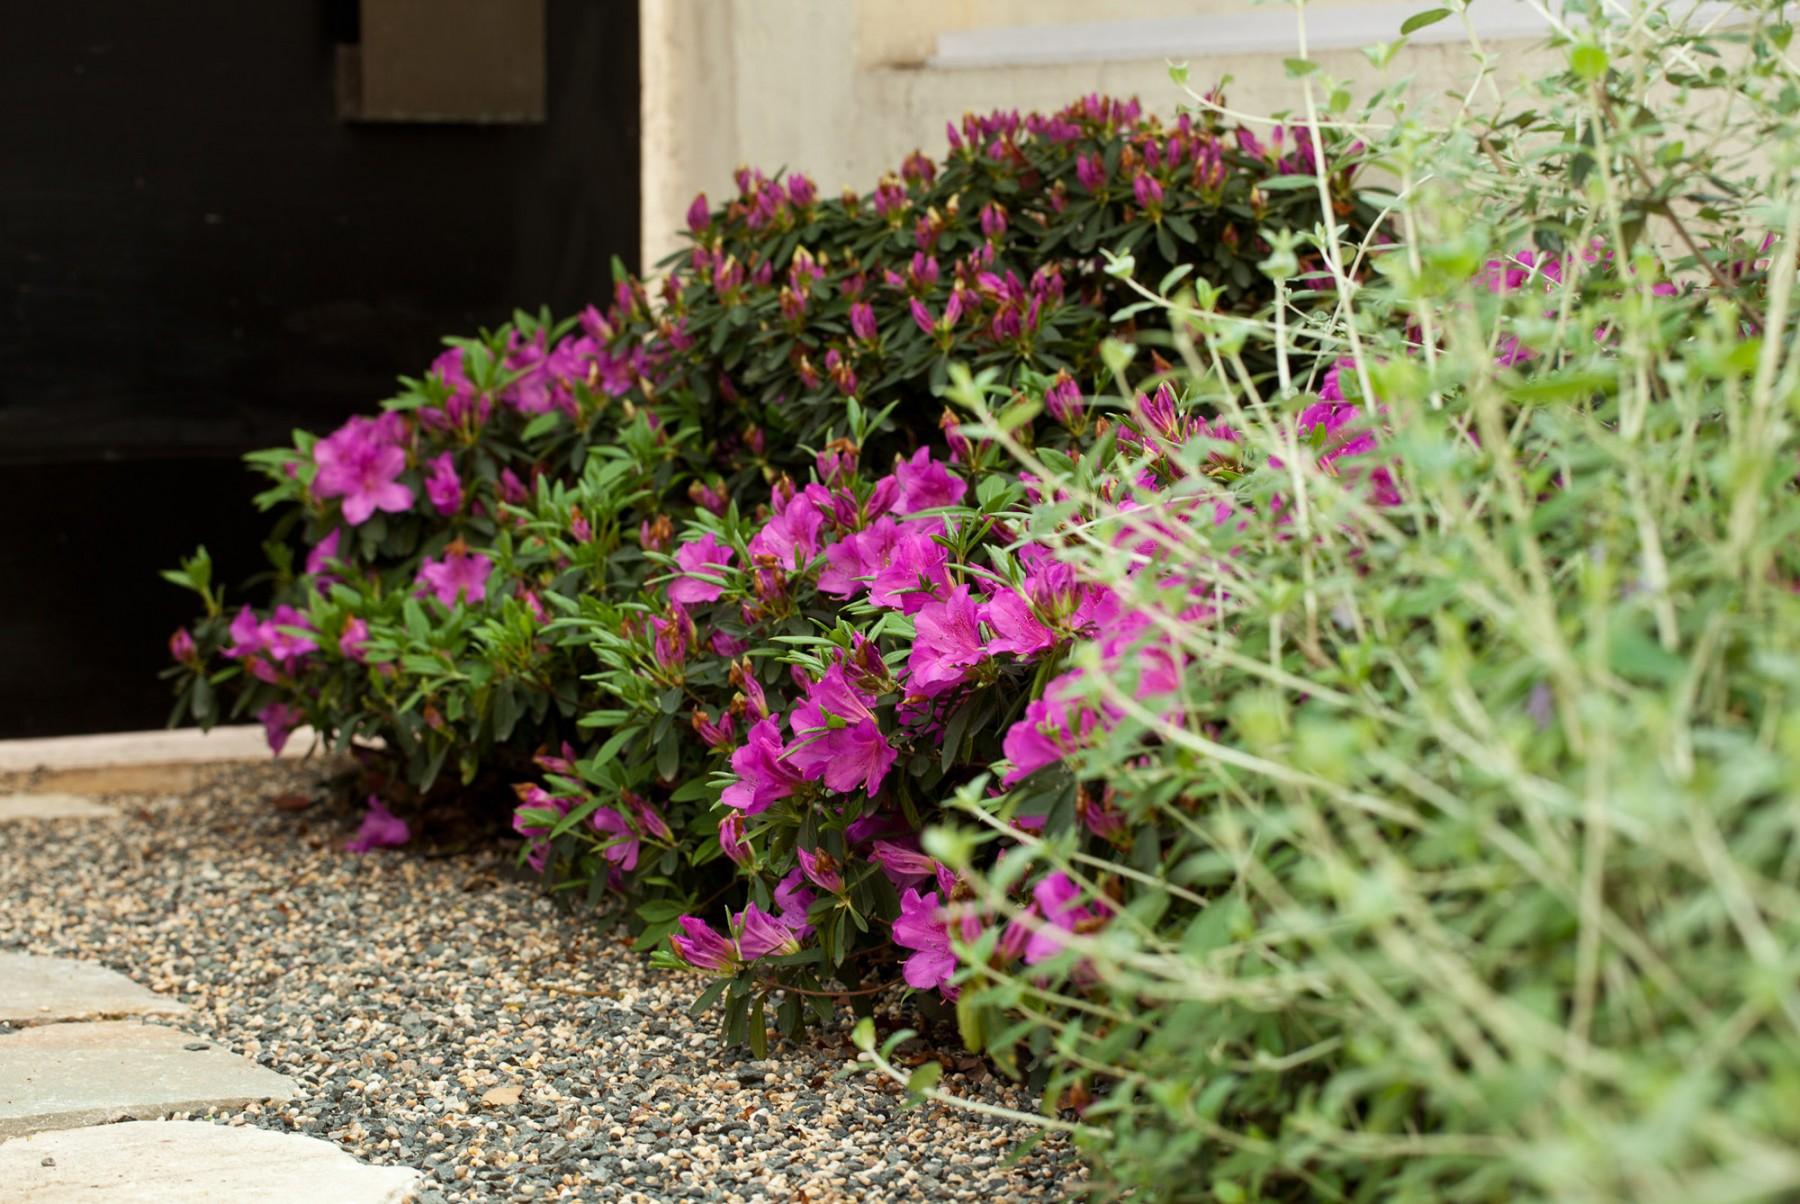 Shanghai garden 私人花园